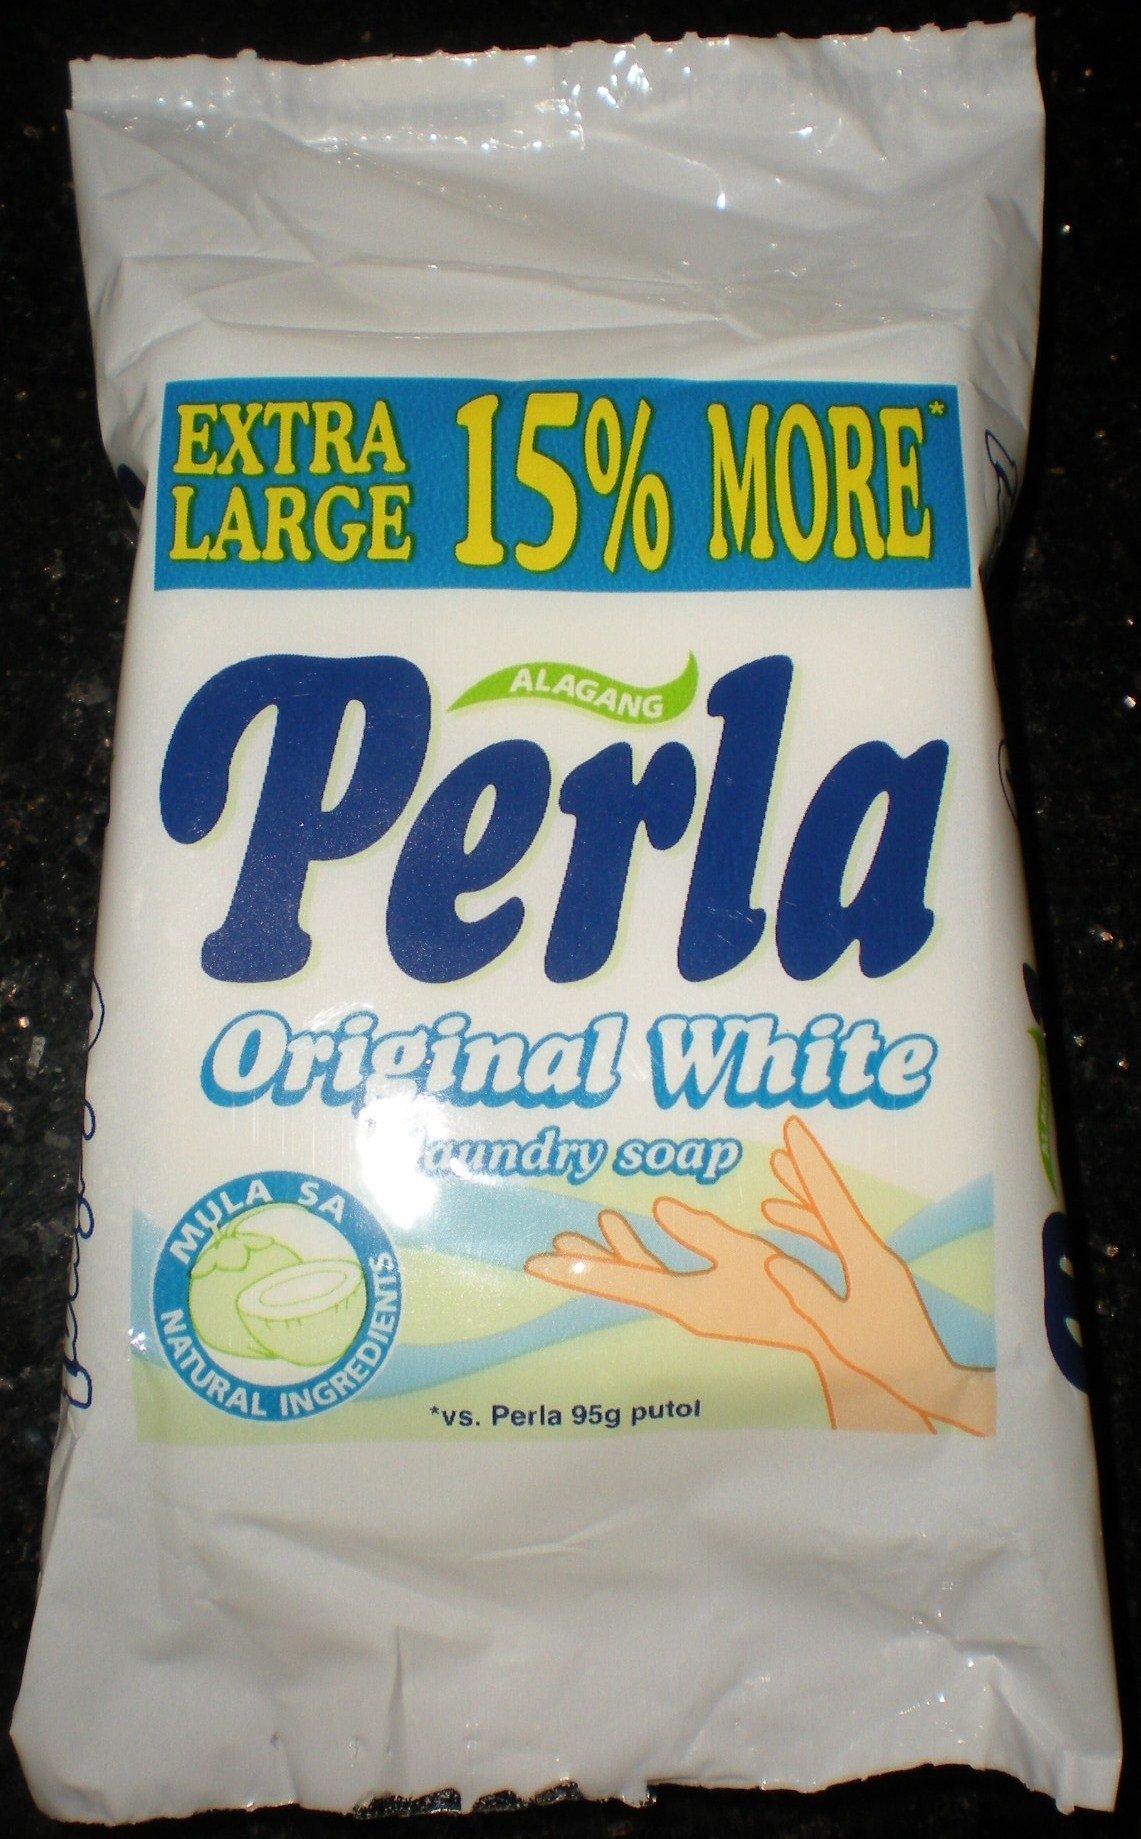 Perla Original White Laundry Soap 110g Extra Large Philippine Product